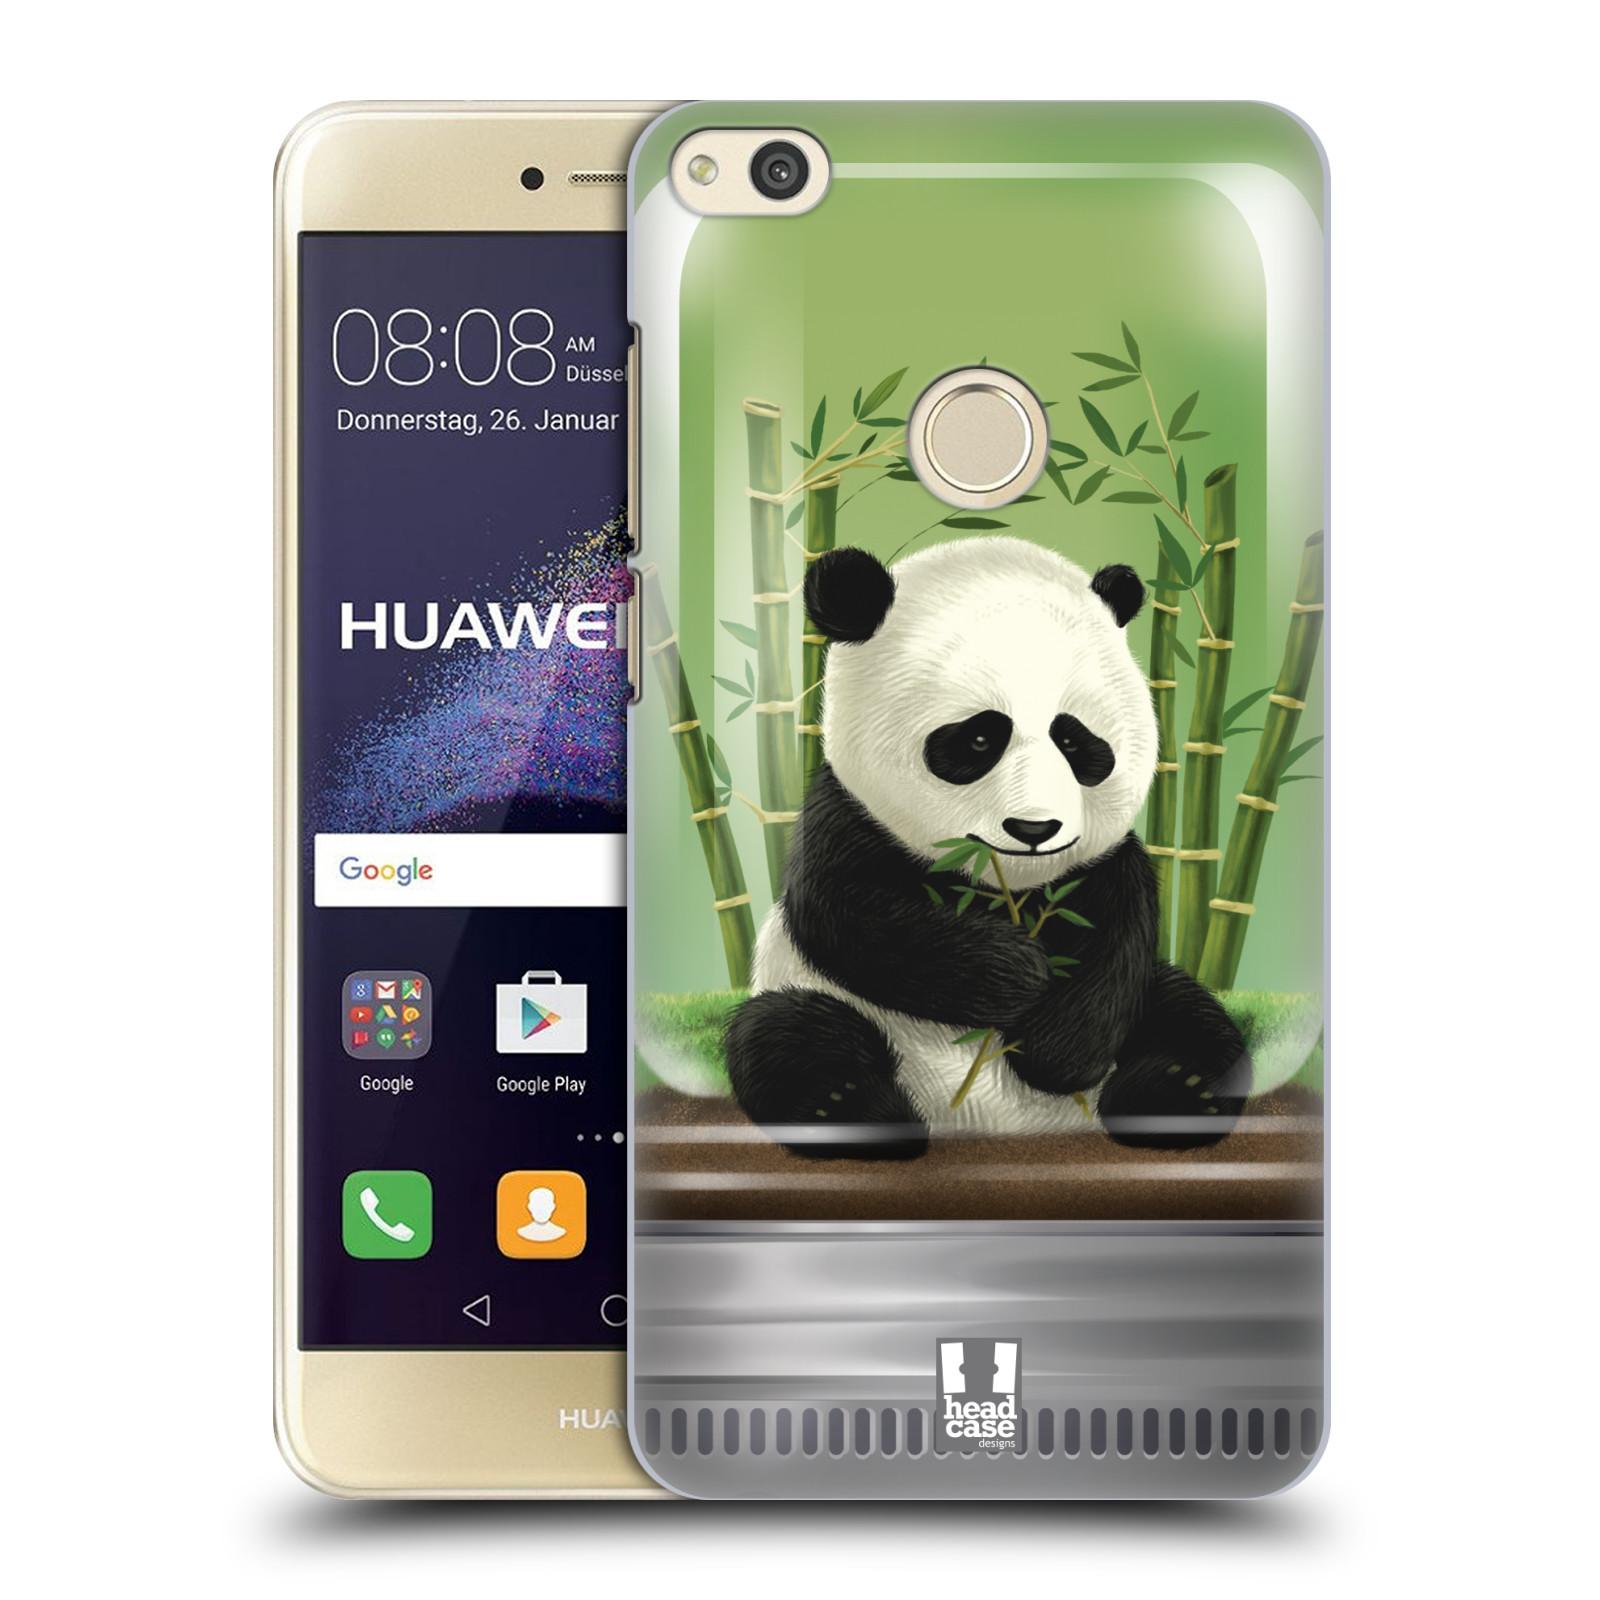 HEAD CASE silikonový obal na mobil Huawei P8 LITE 2017 vzor Zvířátka v těžítku panda